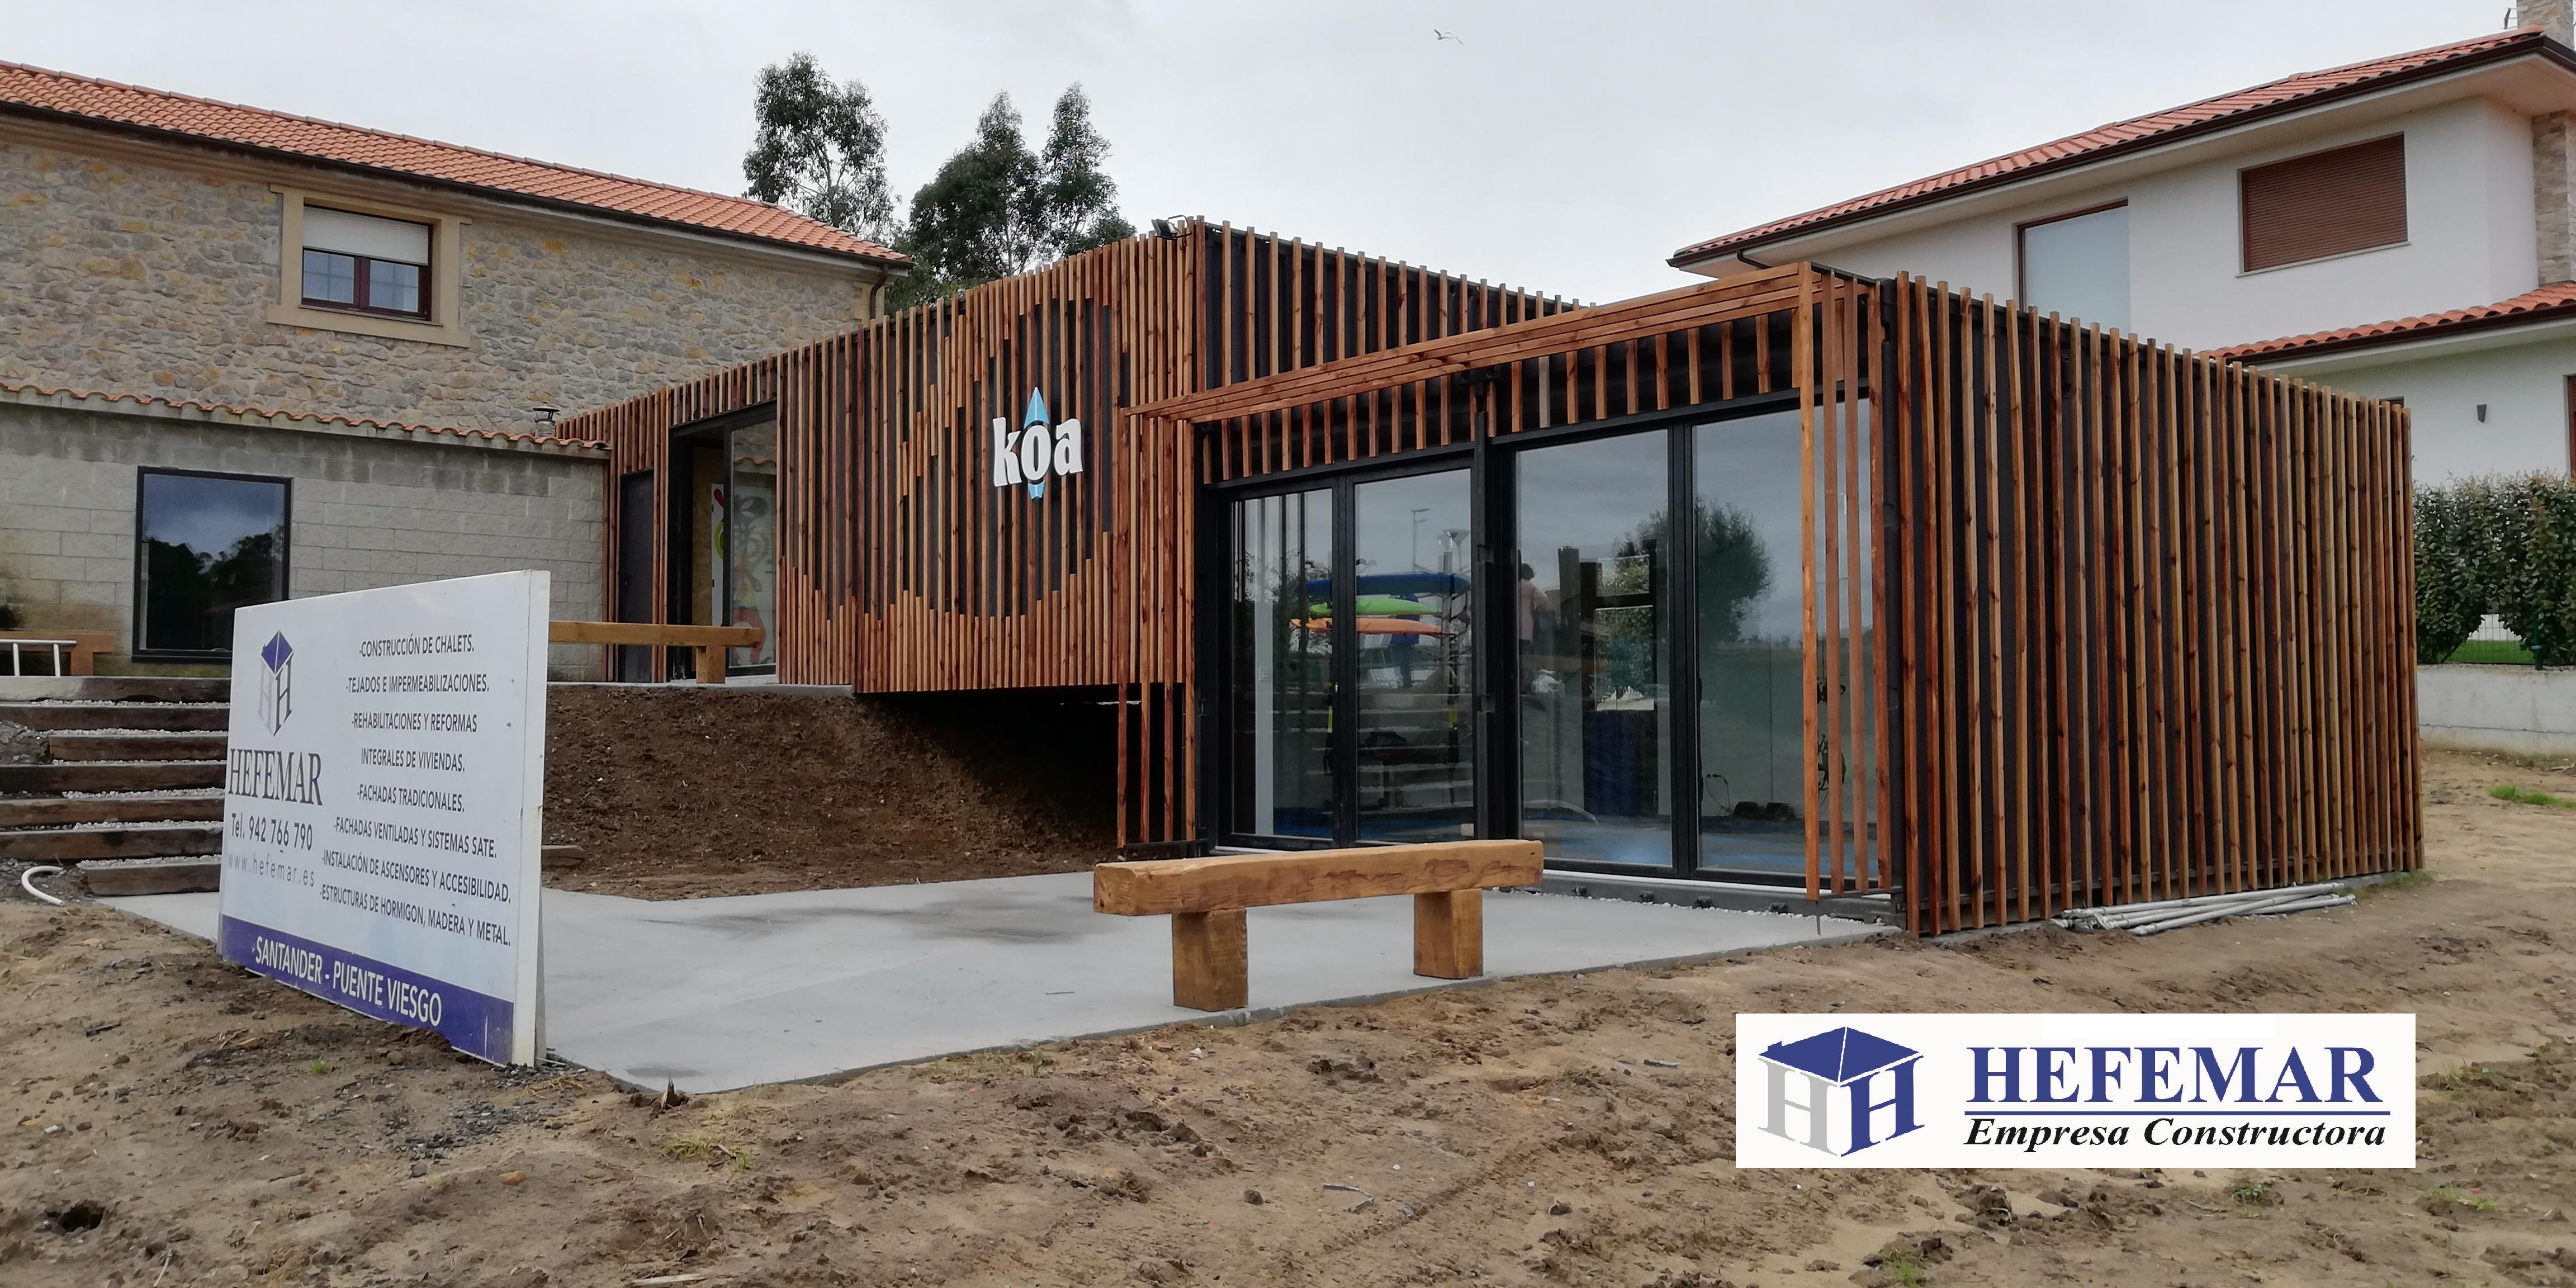 Construcci n con contenedores maritimos hefemar - Como hacer una casa con contenedores maritimos ...